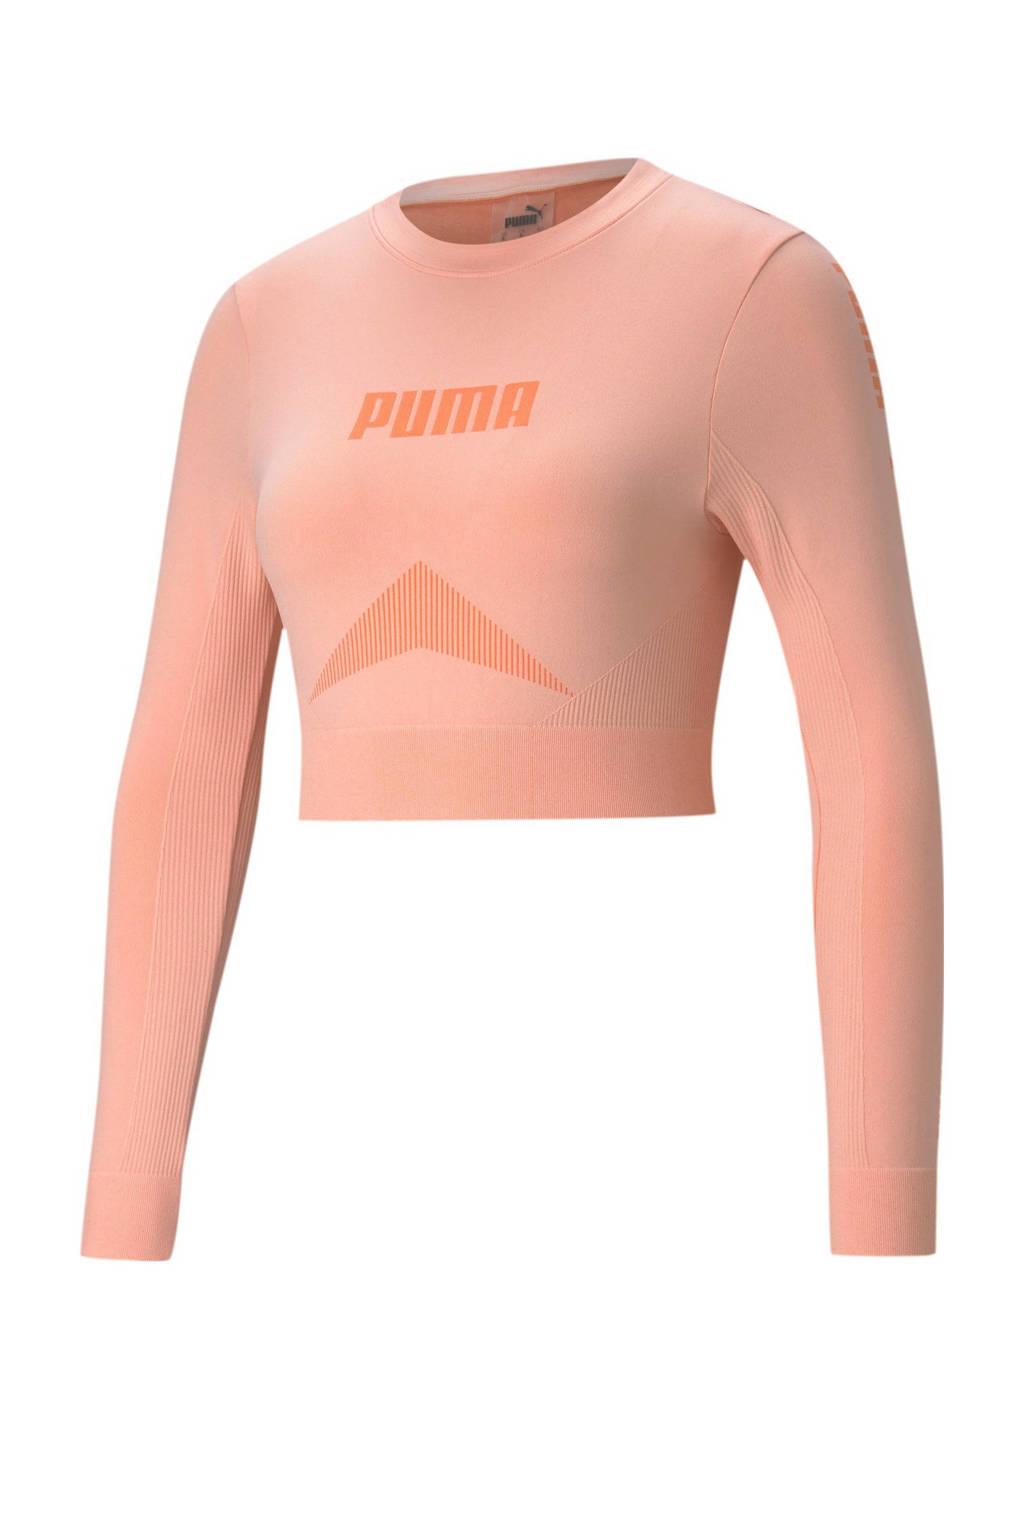 Puma cropped longsleeve roze, Roze